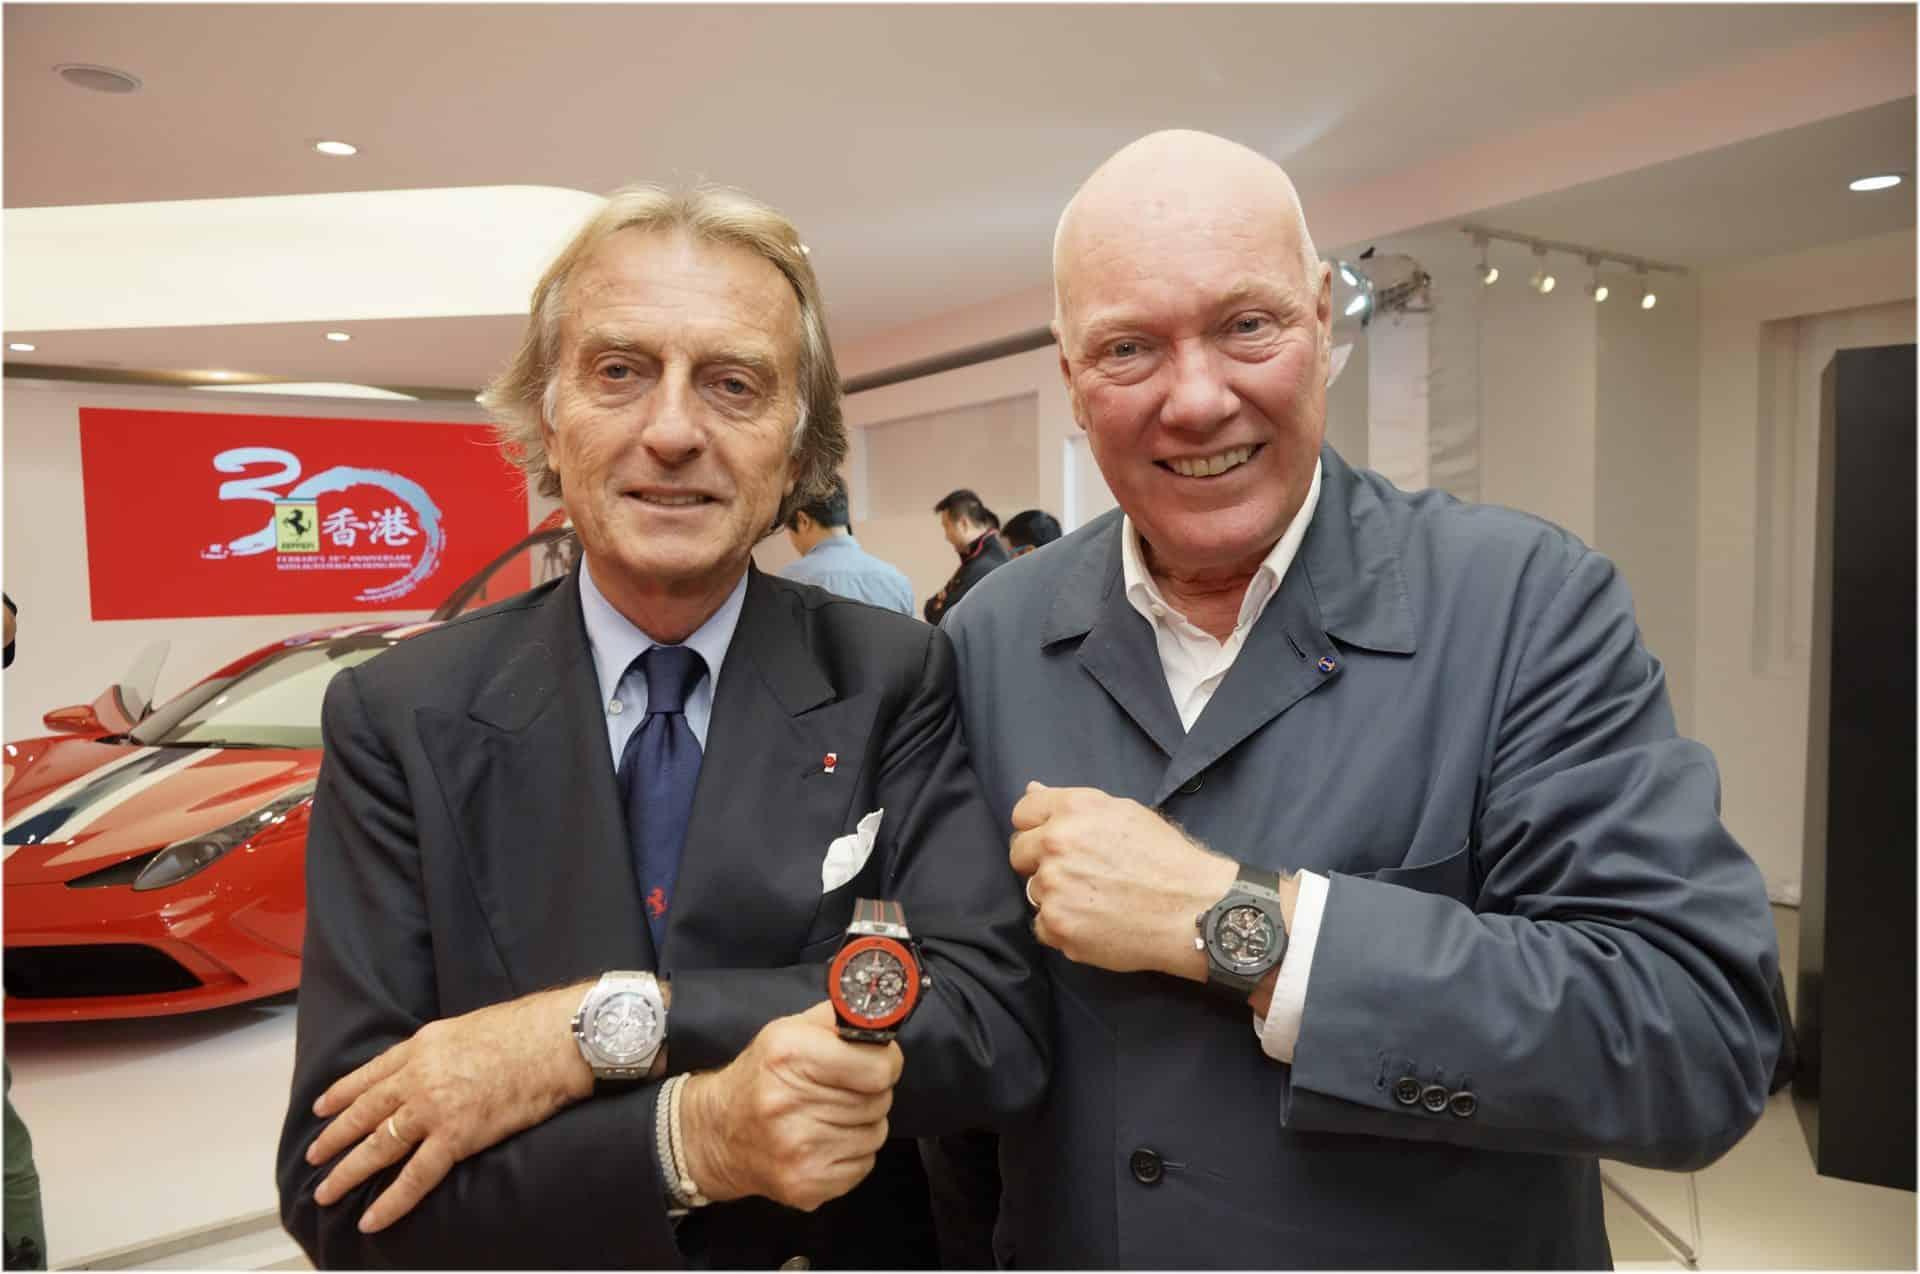 Jean-Claude Biver und Luca di Montezemolo vereinbarten 2011 eine zehnjährige Kooperation von Ferrari mit Hublot